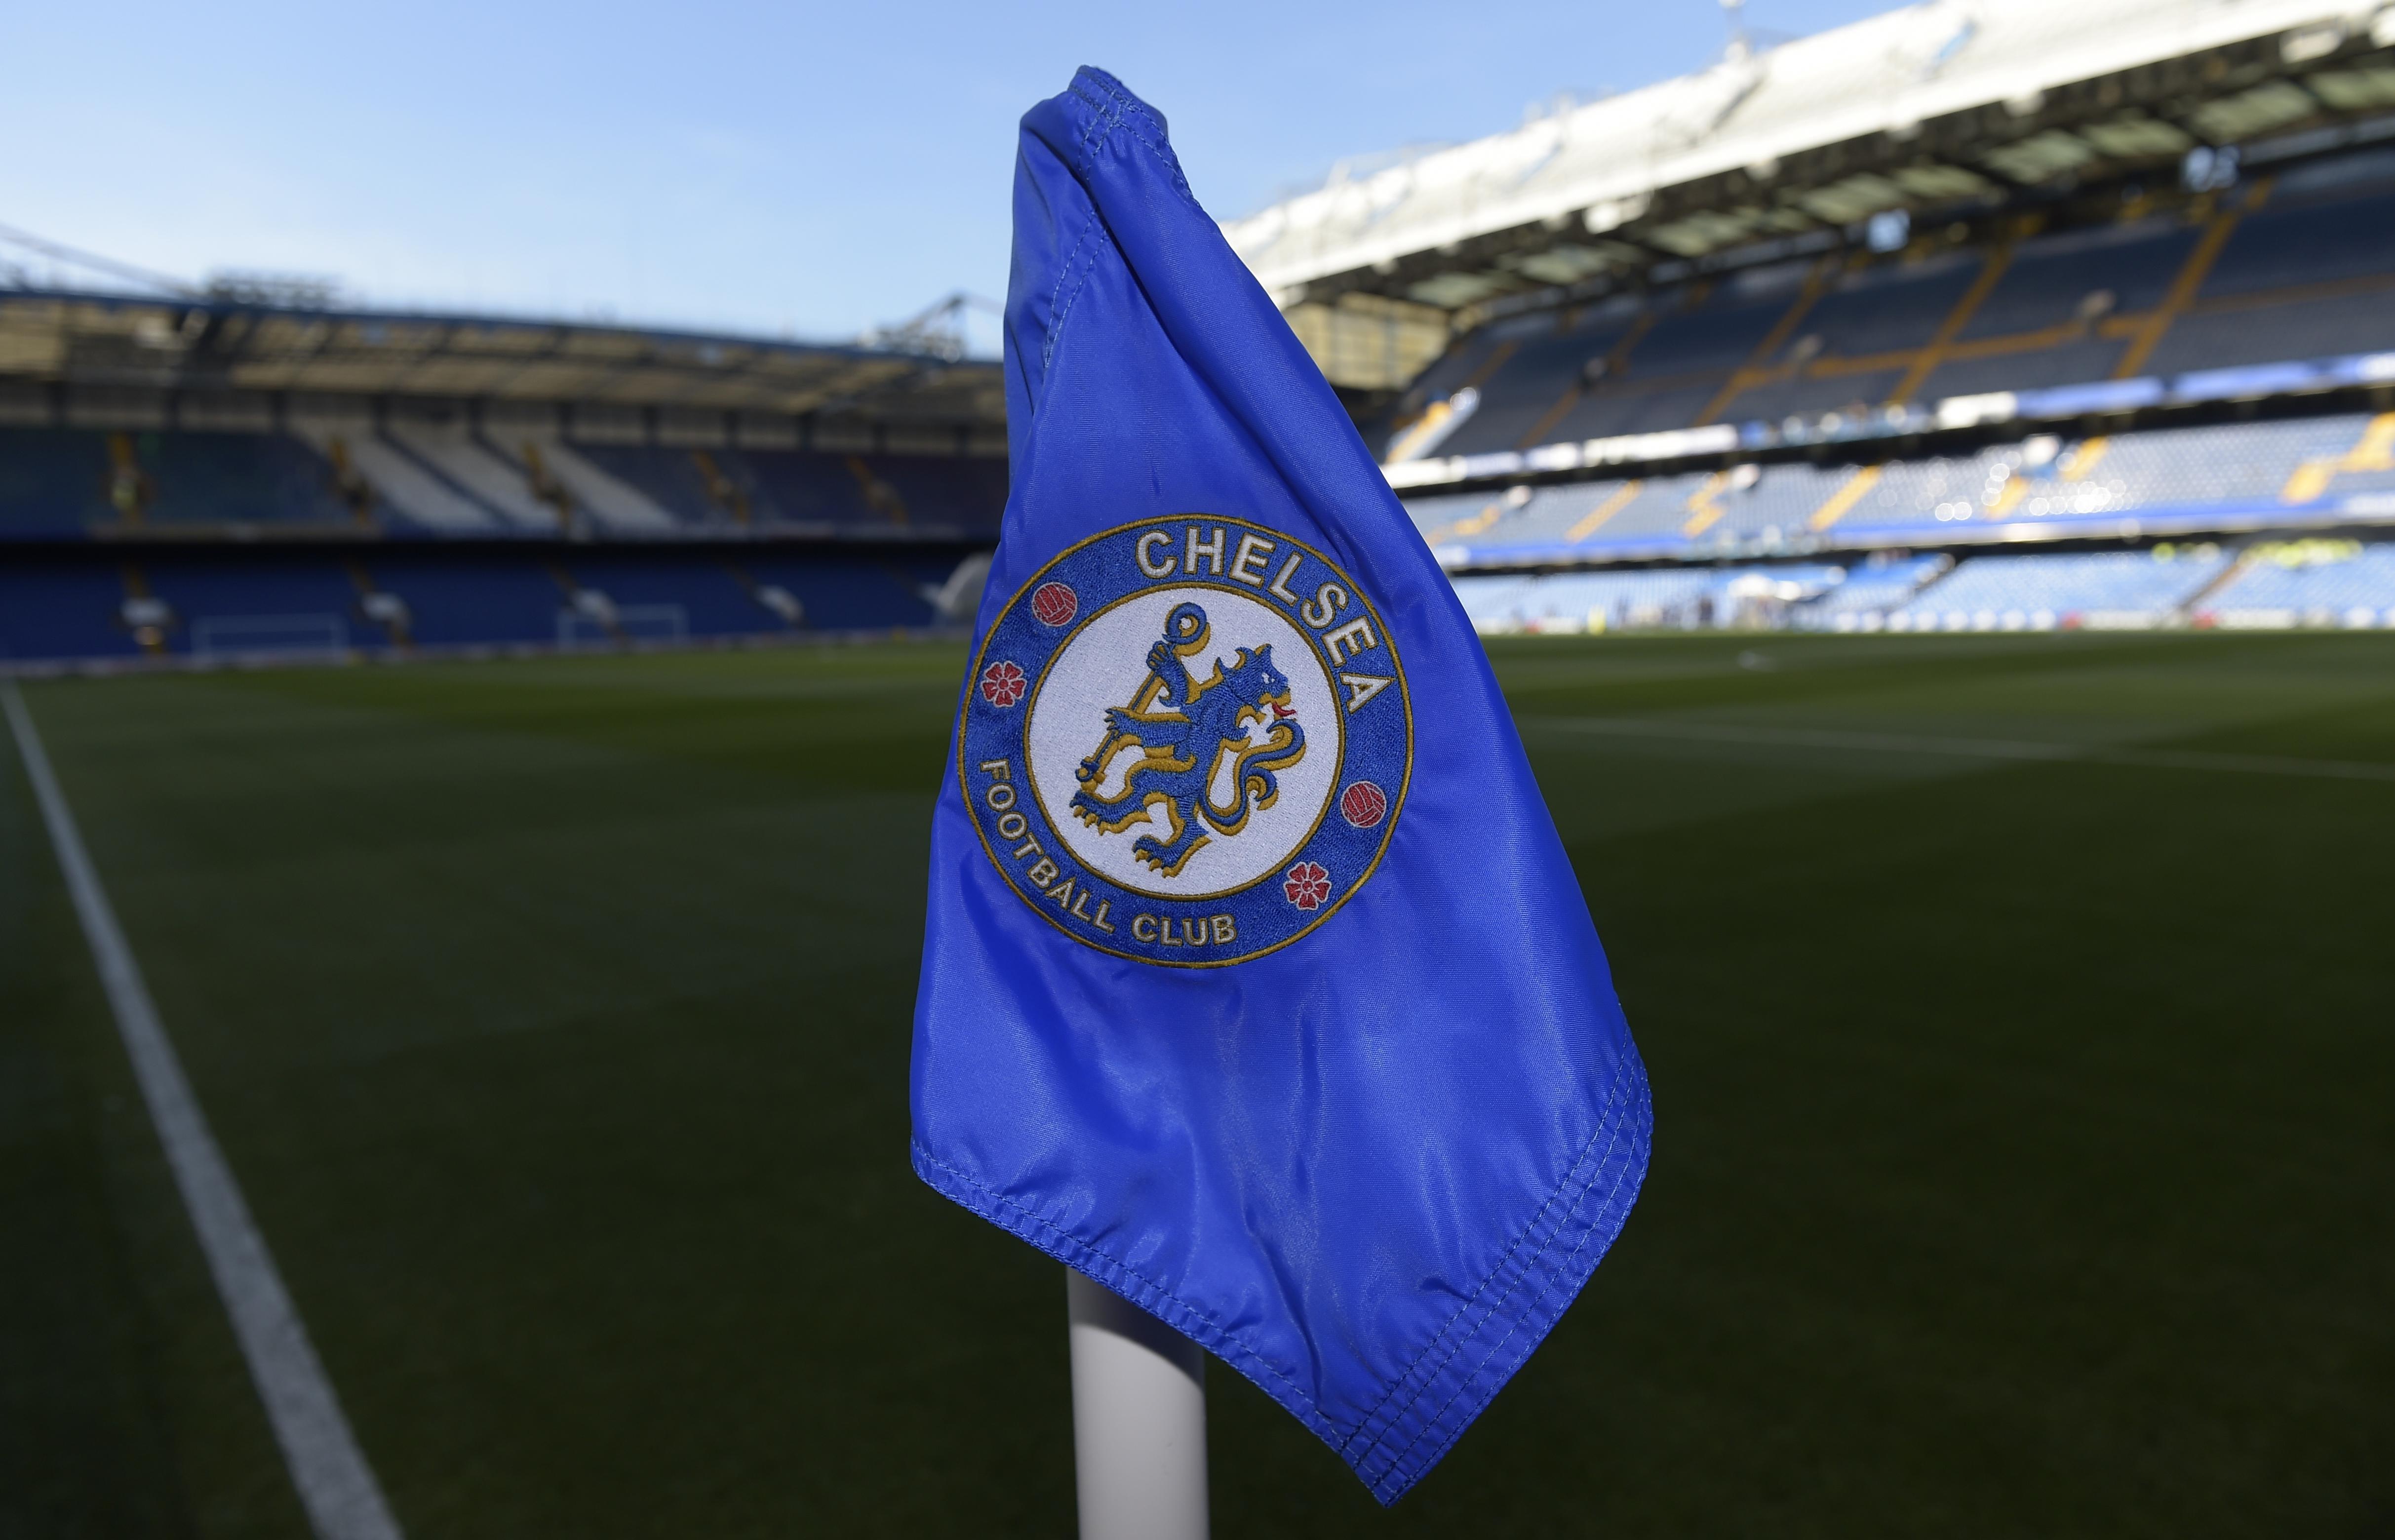 589723638-chelsea-v-west-ham-united-premier-league